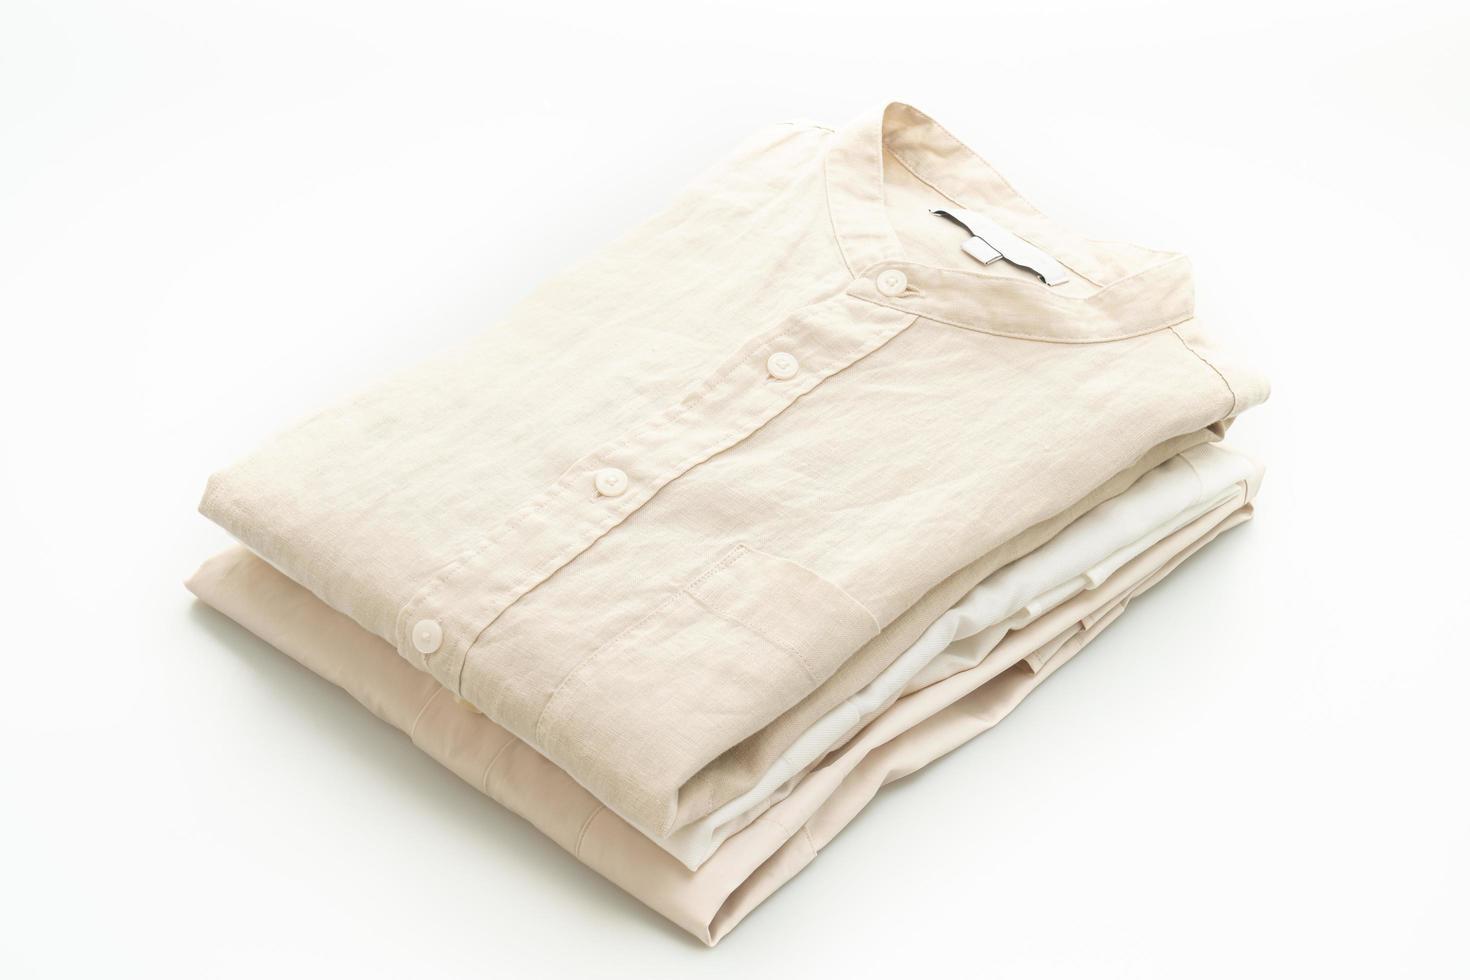 camicie beige piegate isolate su sfondo bianco foto